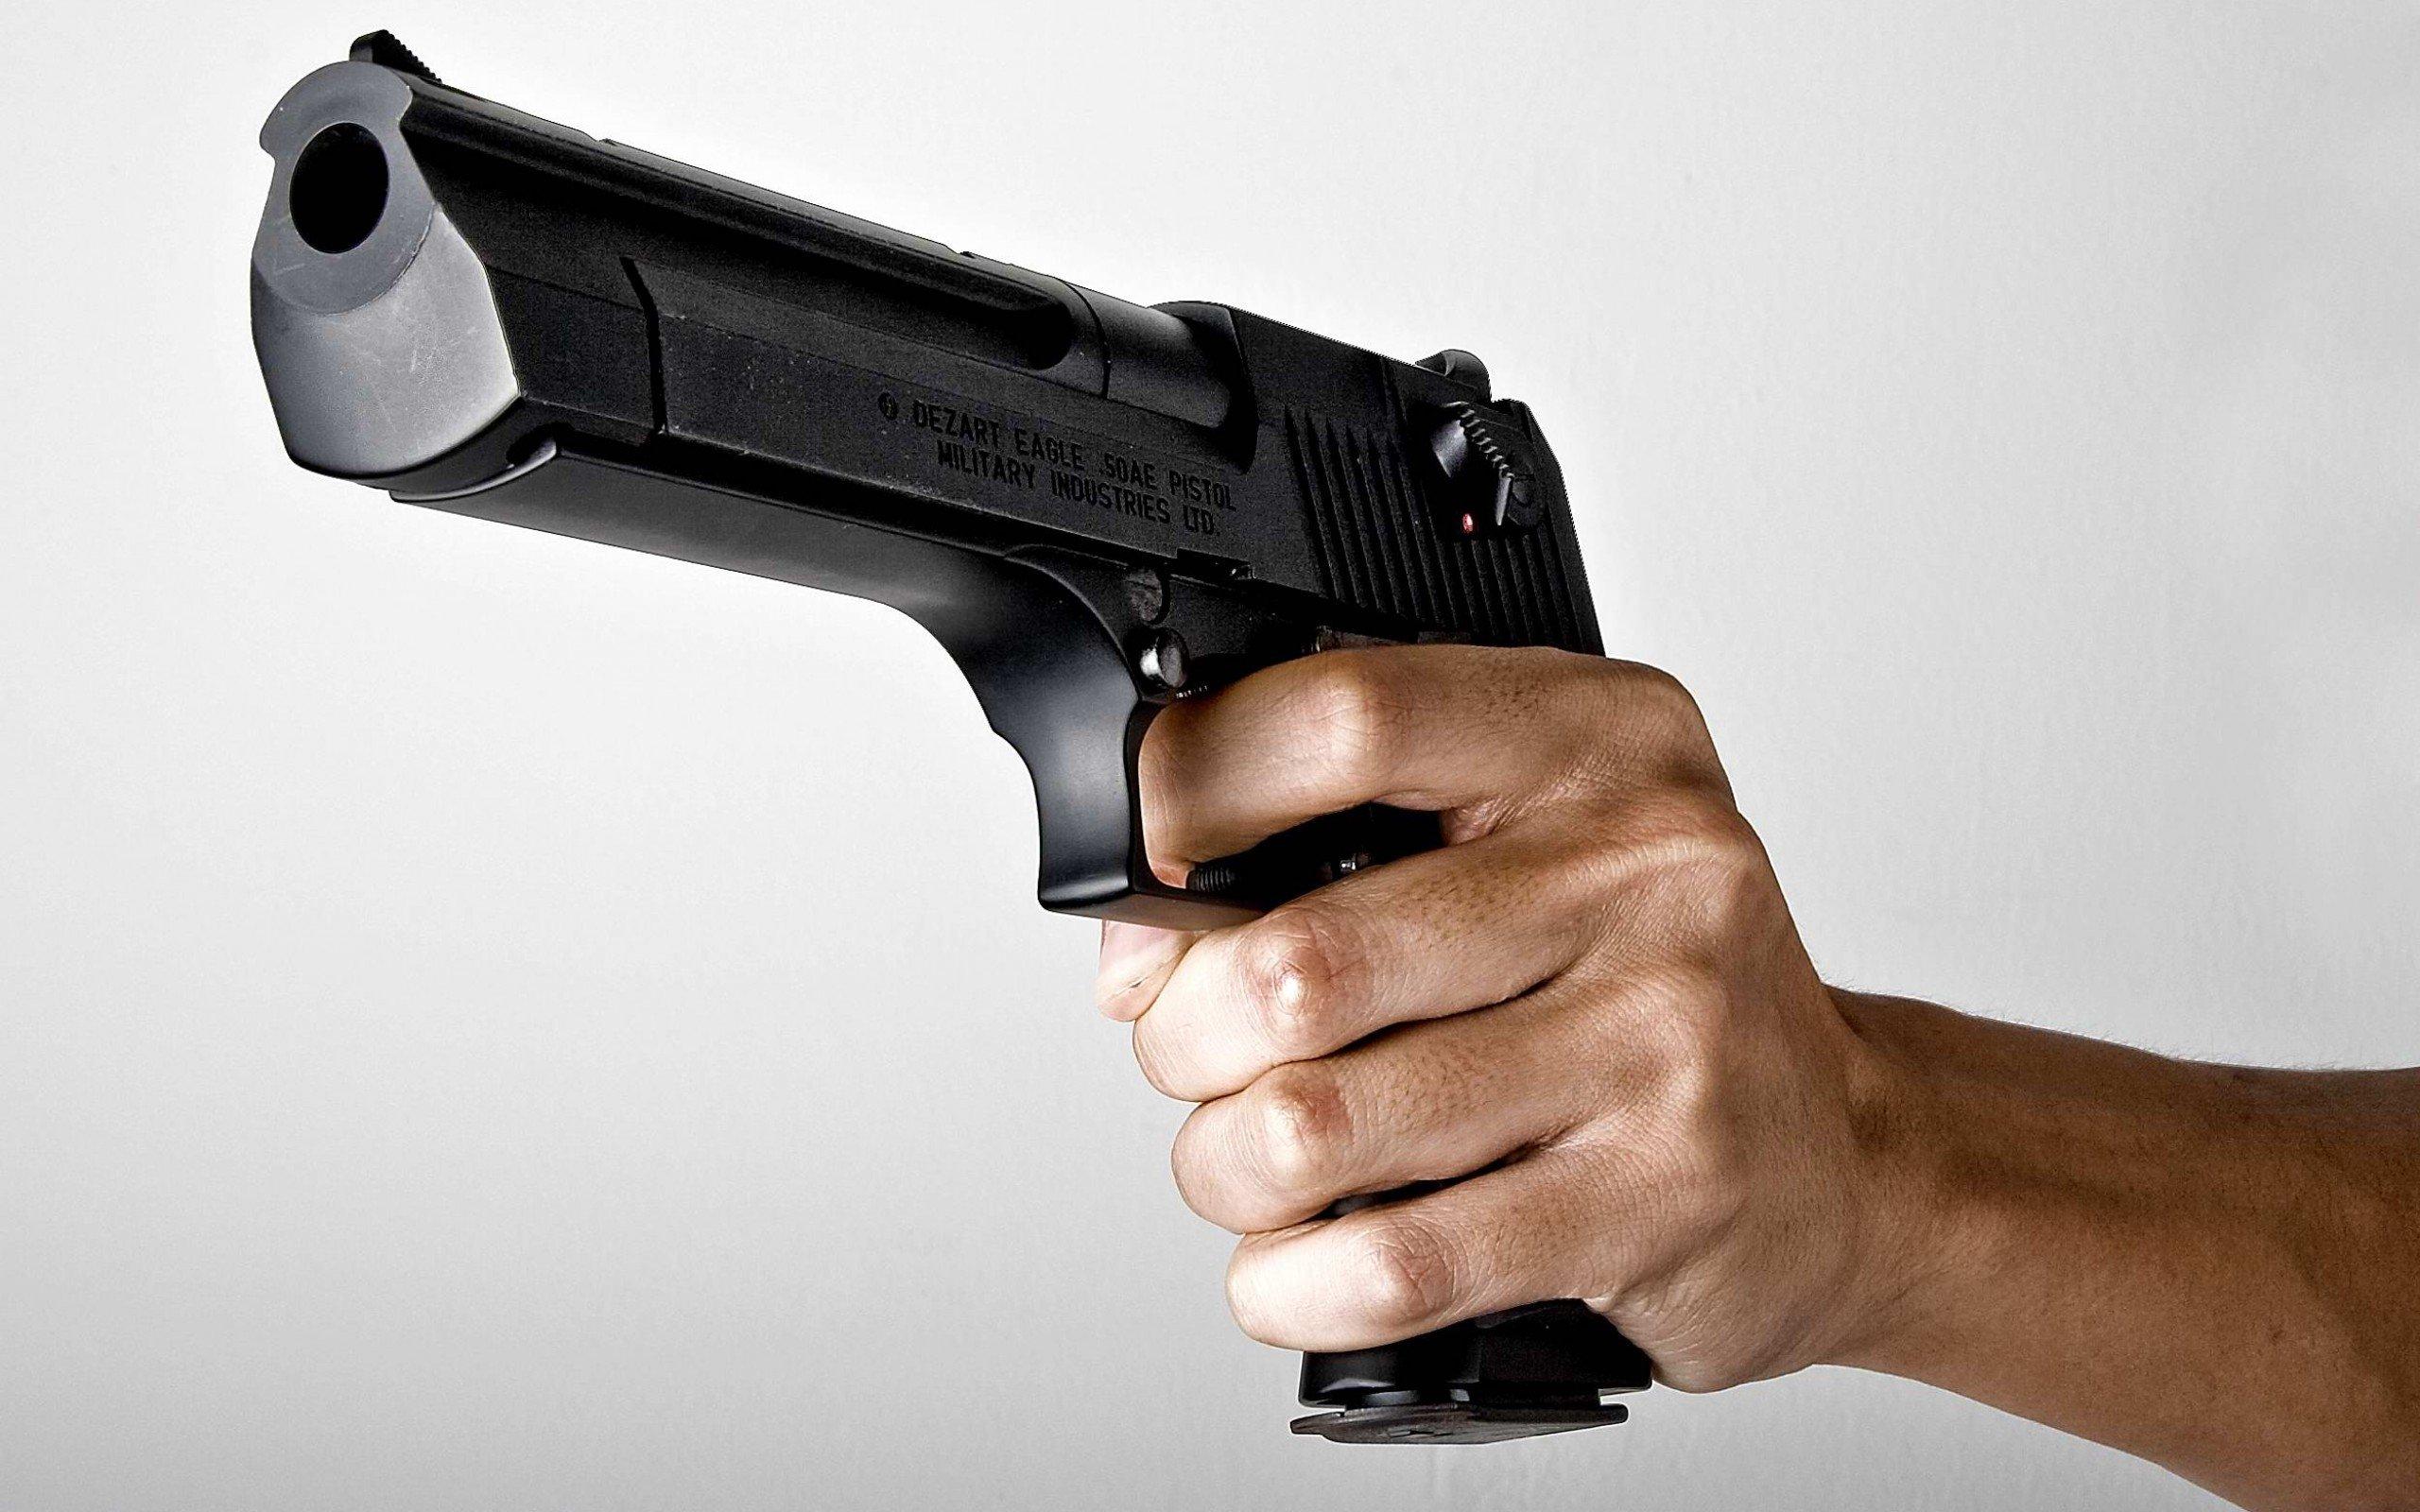 ВАлтайском крае занесколько секунд измагазина украли кассу сденьгами